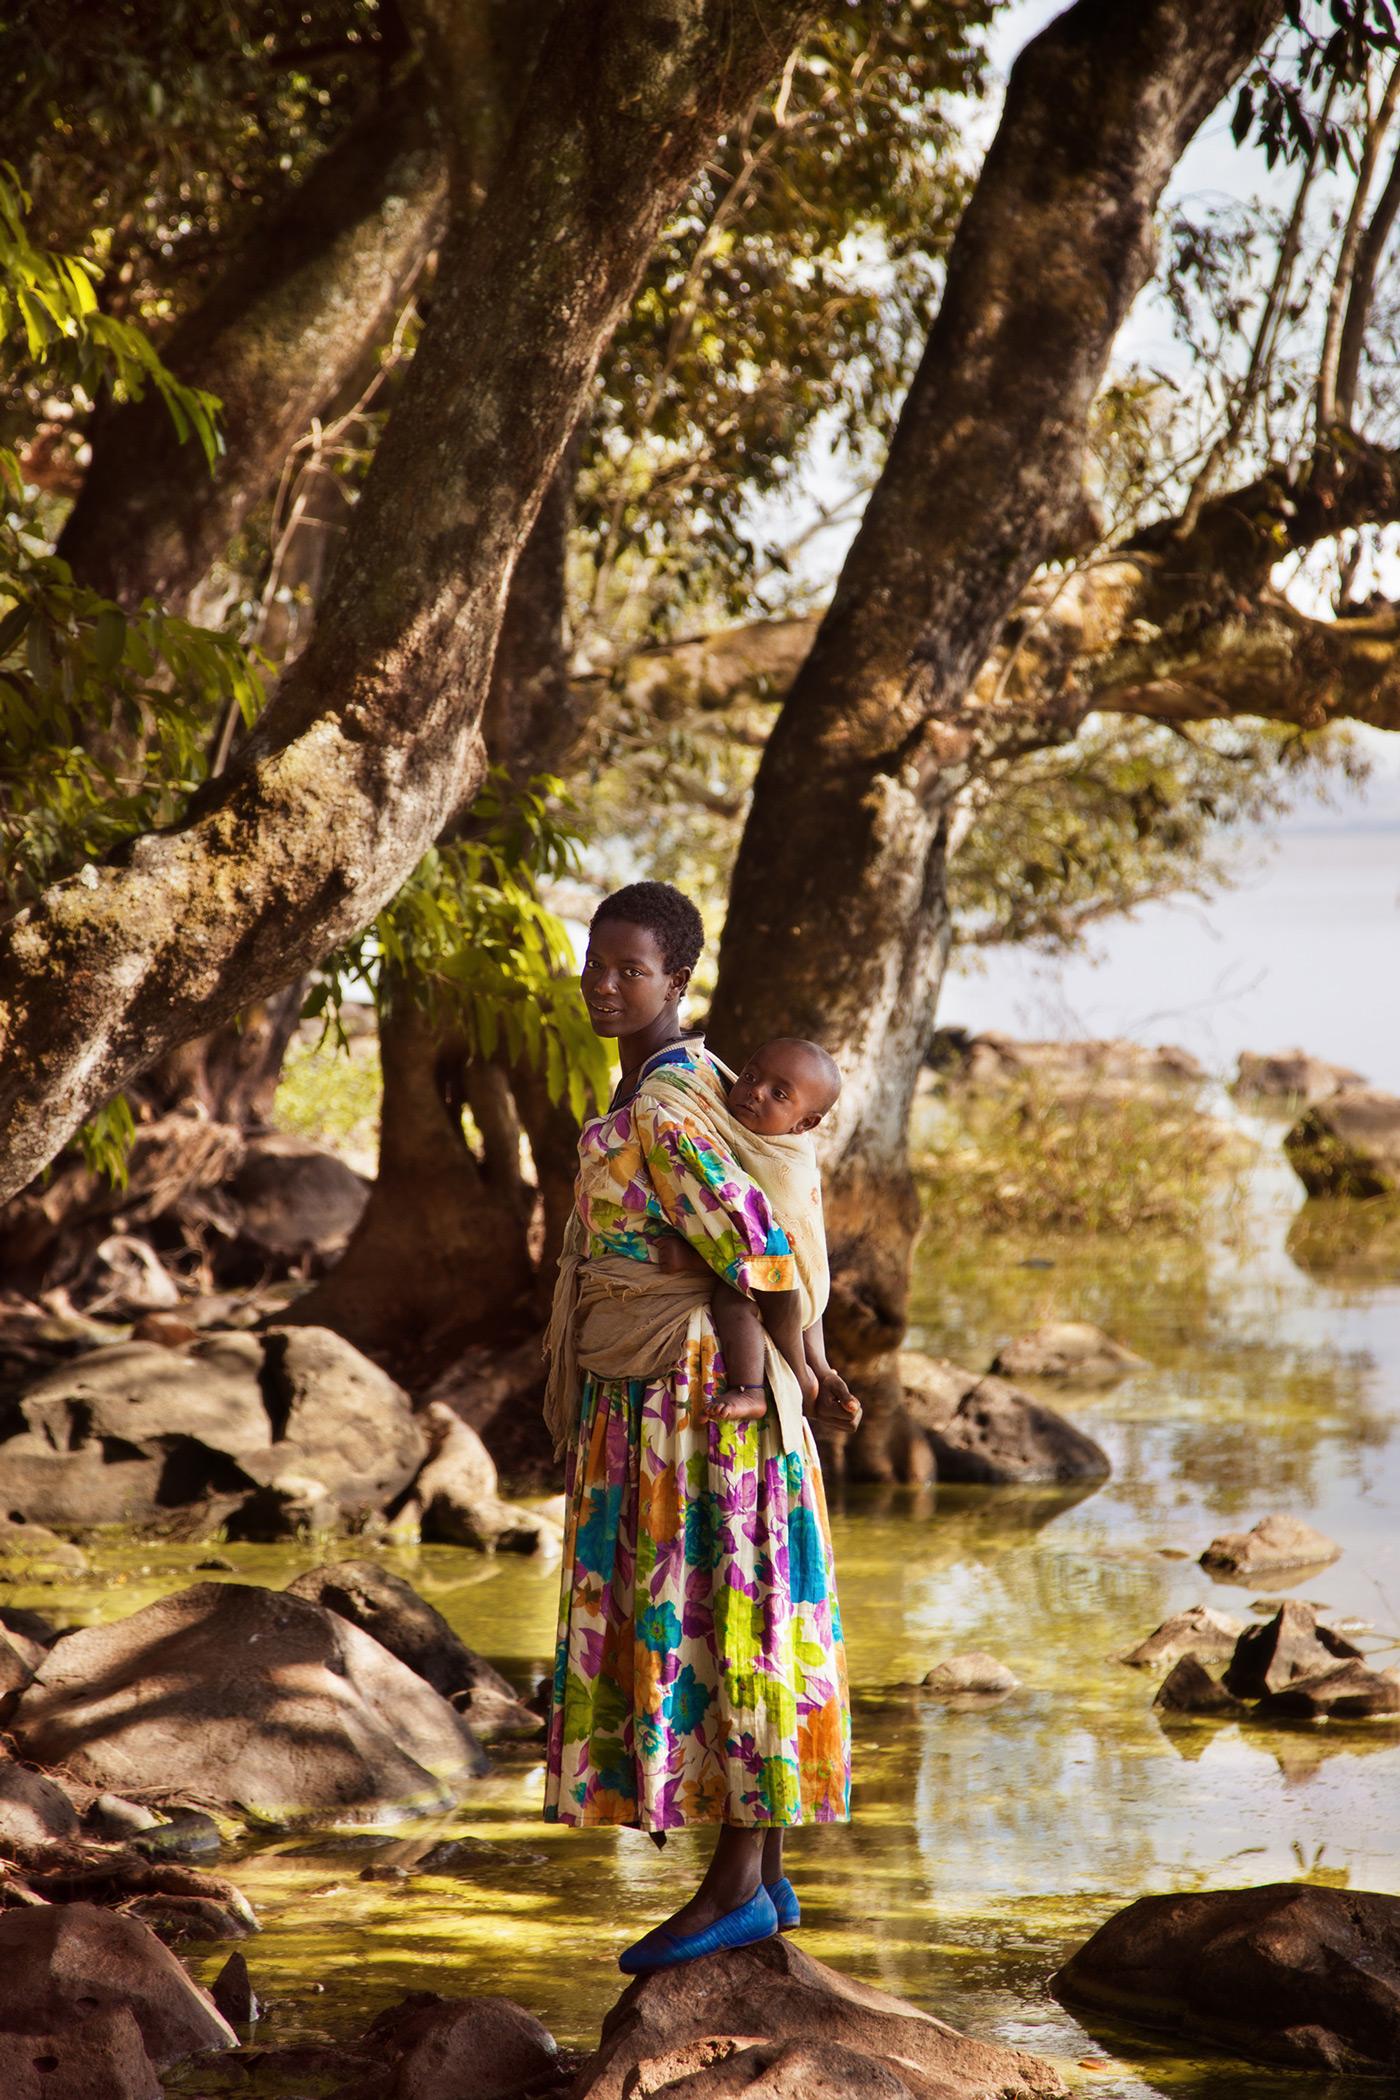 Mutter mit Kind in Äthopien